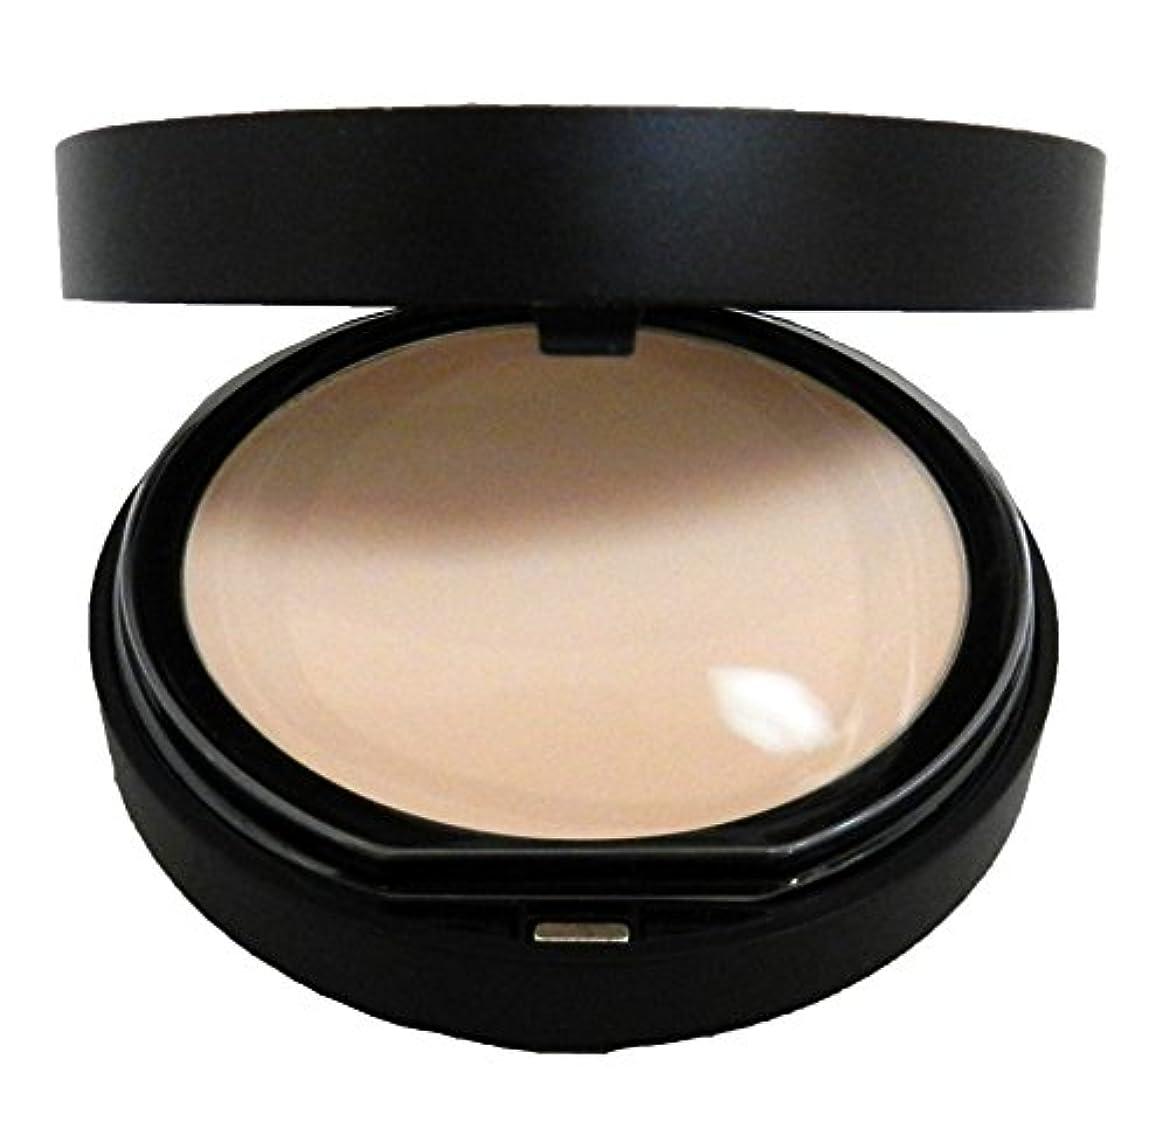 懸念脇に放散するベアミネラル BarePro Performance Wear Powder Foundation - # 01 Fair 10g/0.34oz並行輸入品